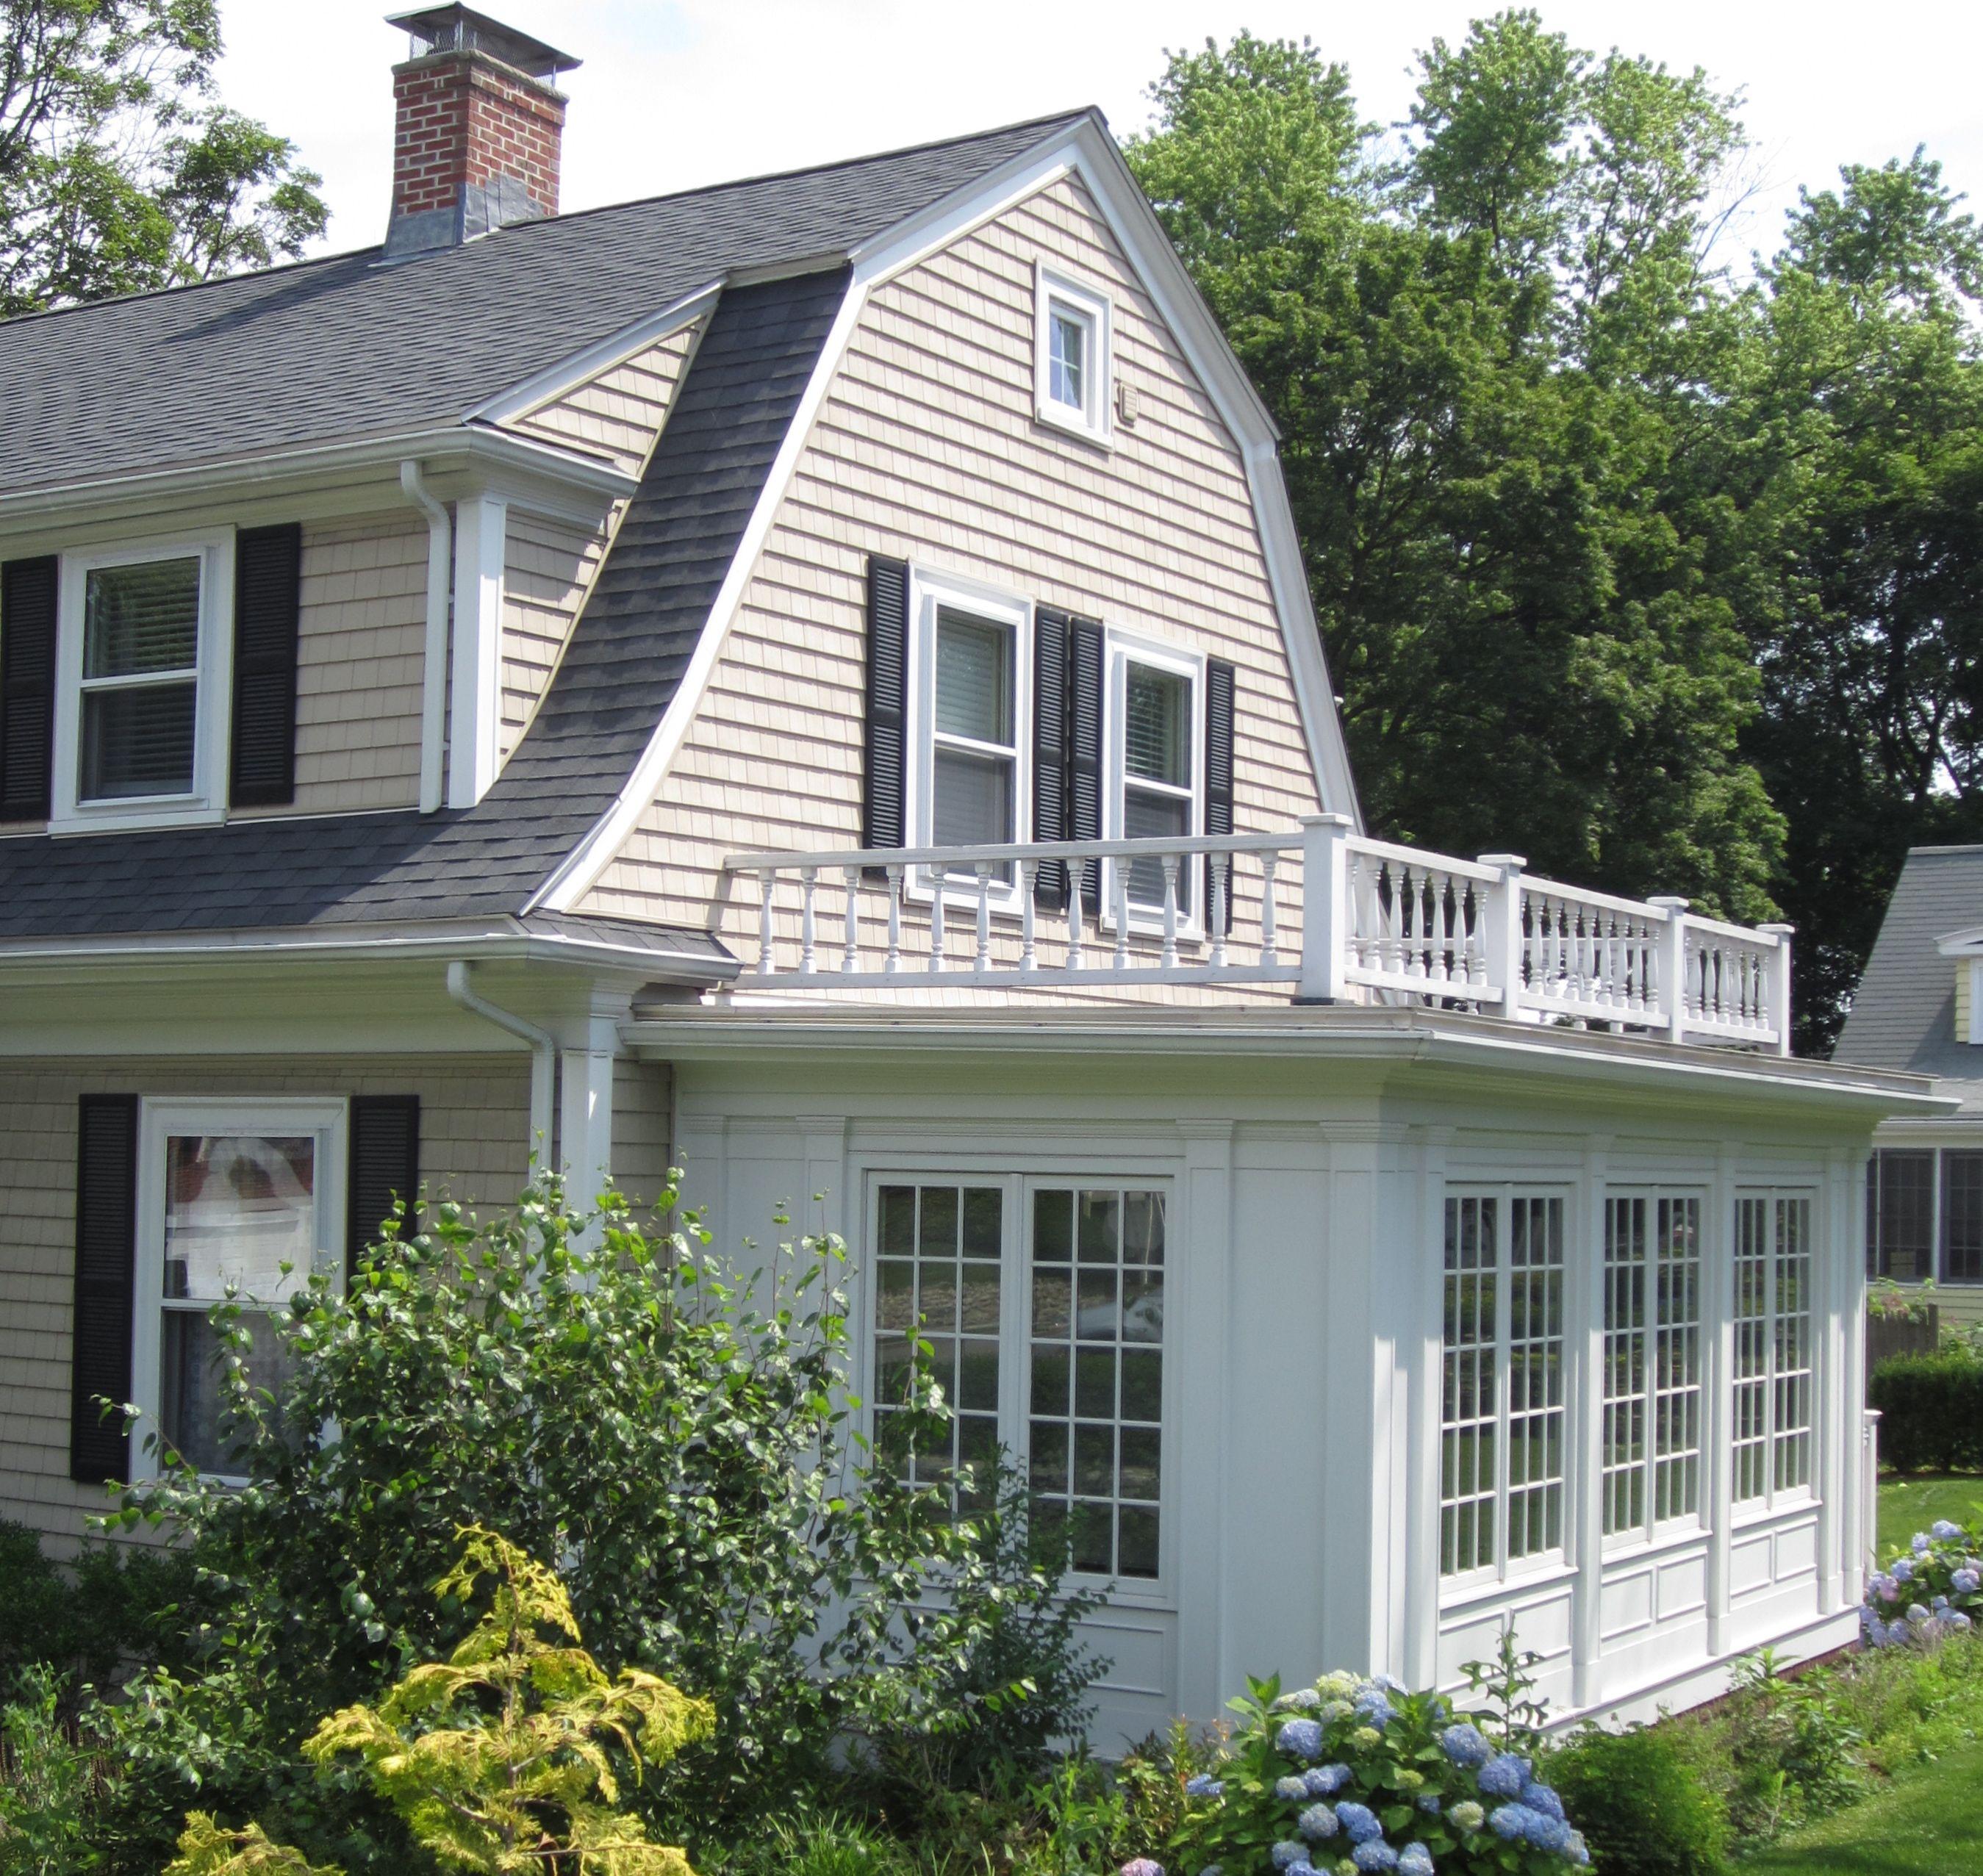 Colonial Home Design Ideas: Harvey, Anderson, Marvin & Pella